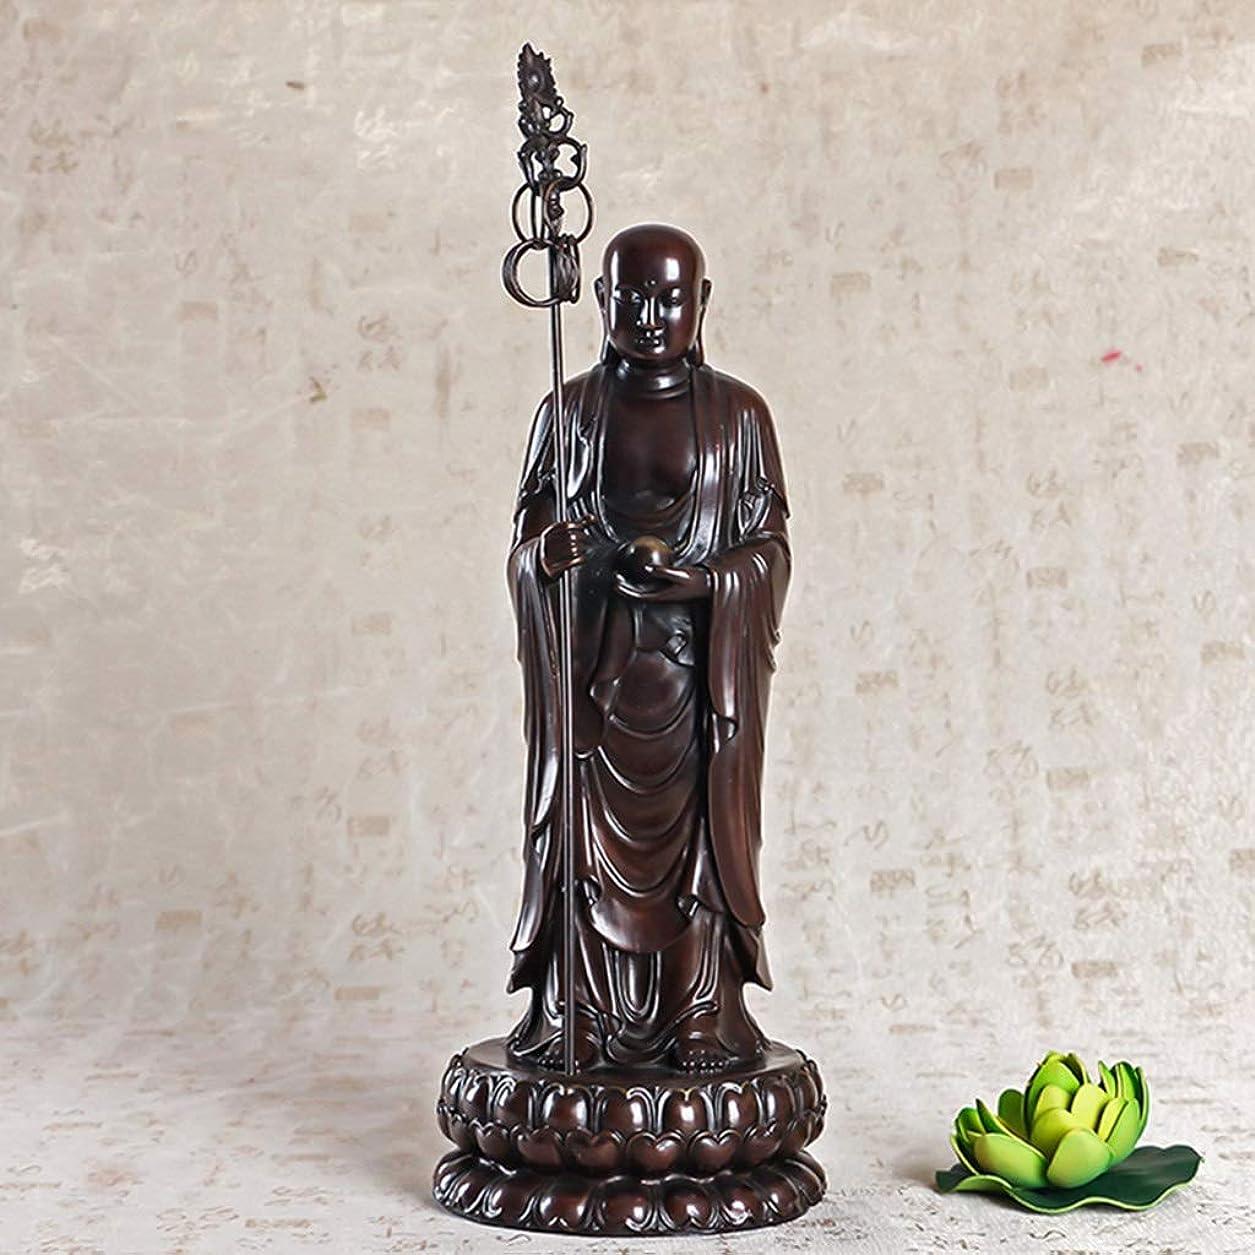 内部奴隷悲観的ディザン菩薩の仏像、ブロンズ像、仏教物資、家の装飾、30×10cm LIUXIN